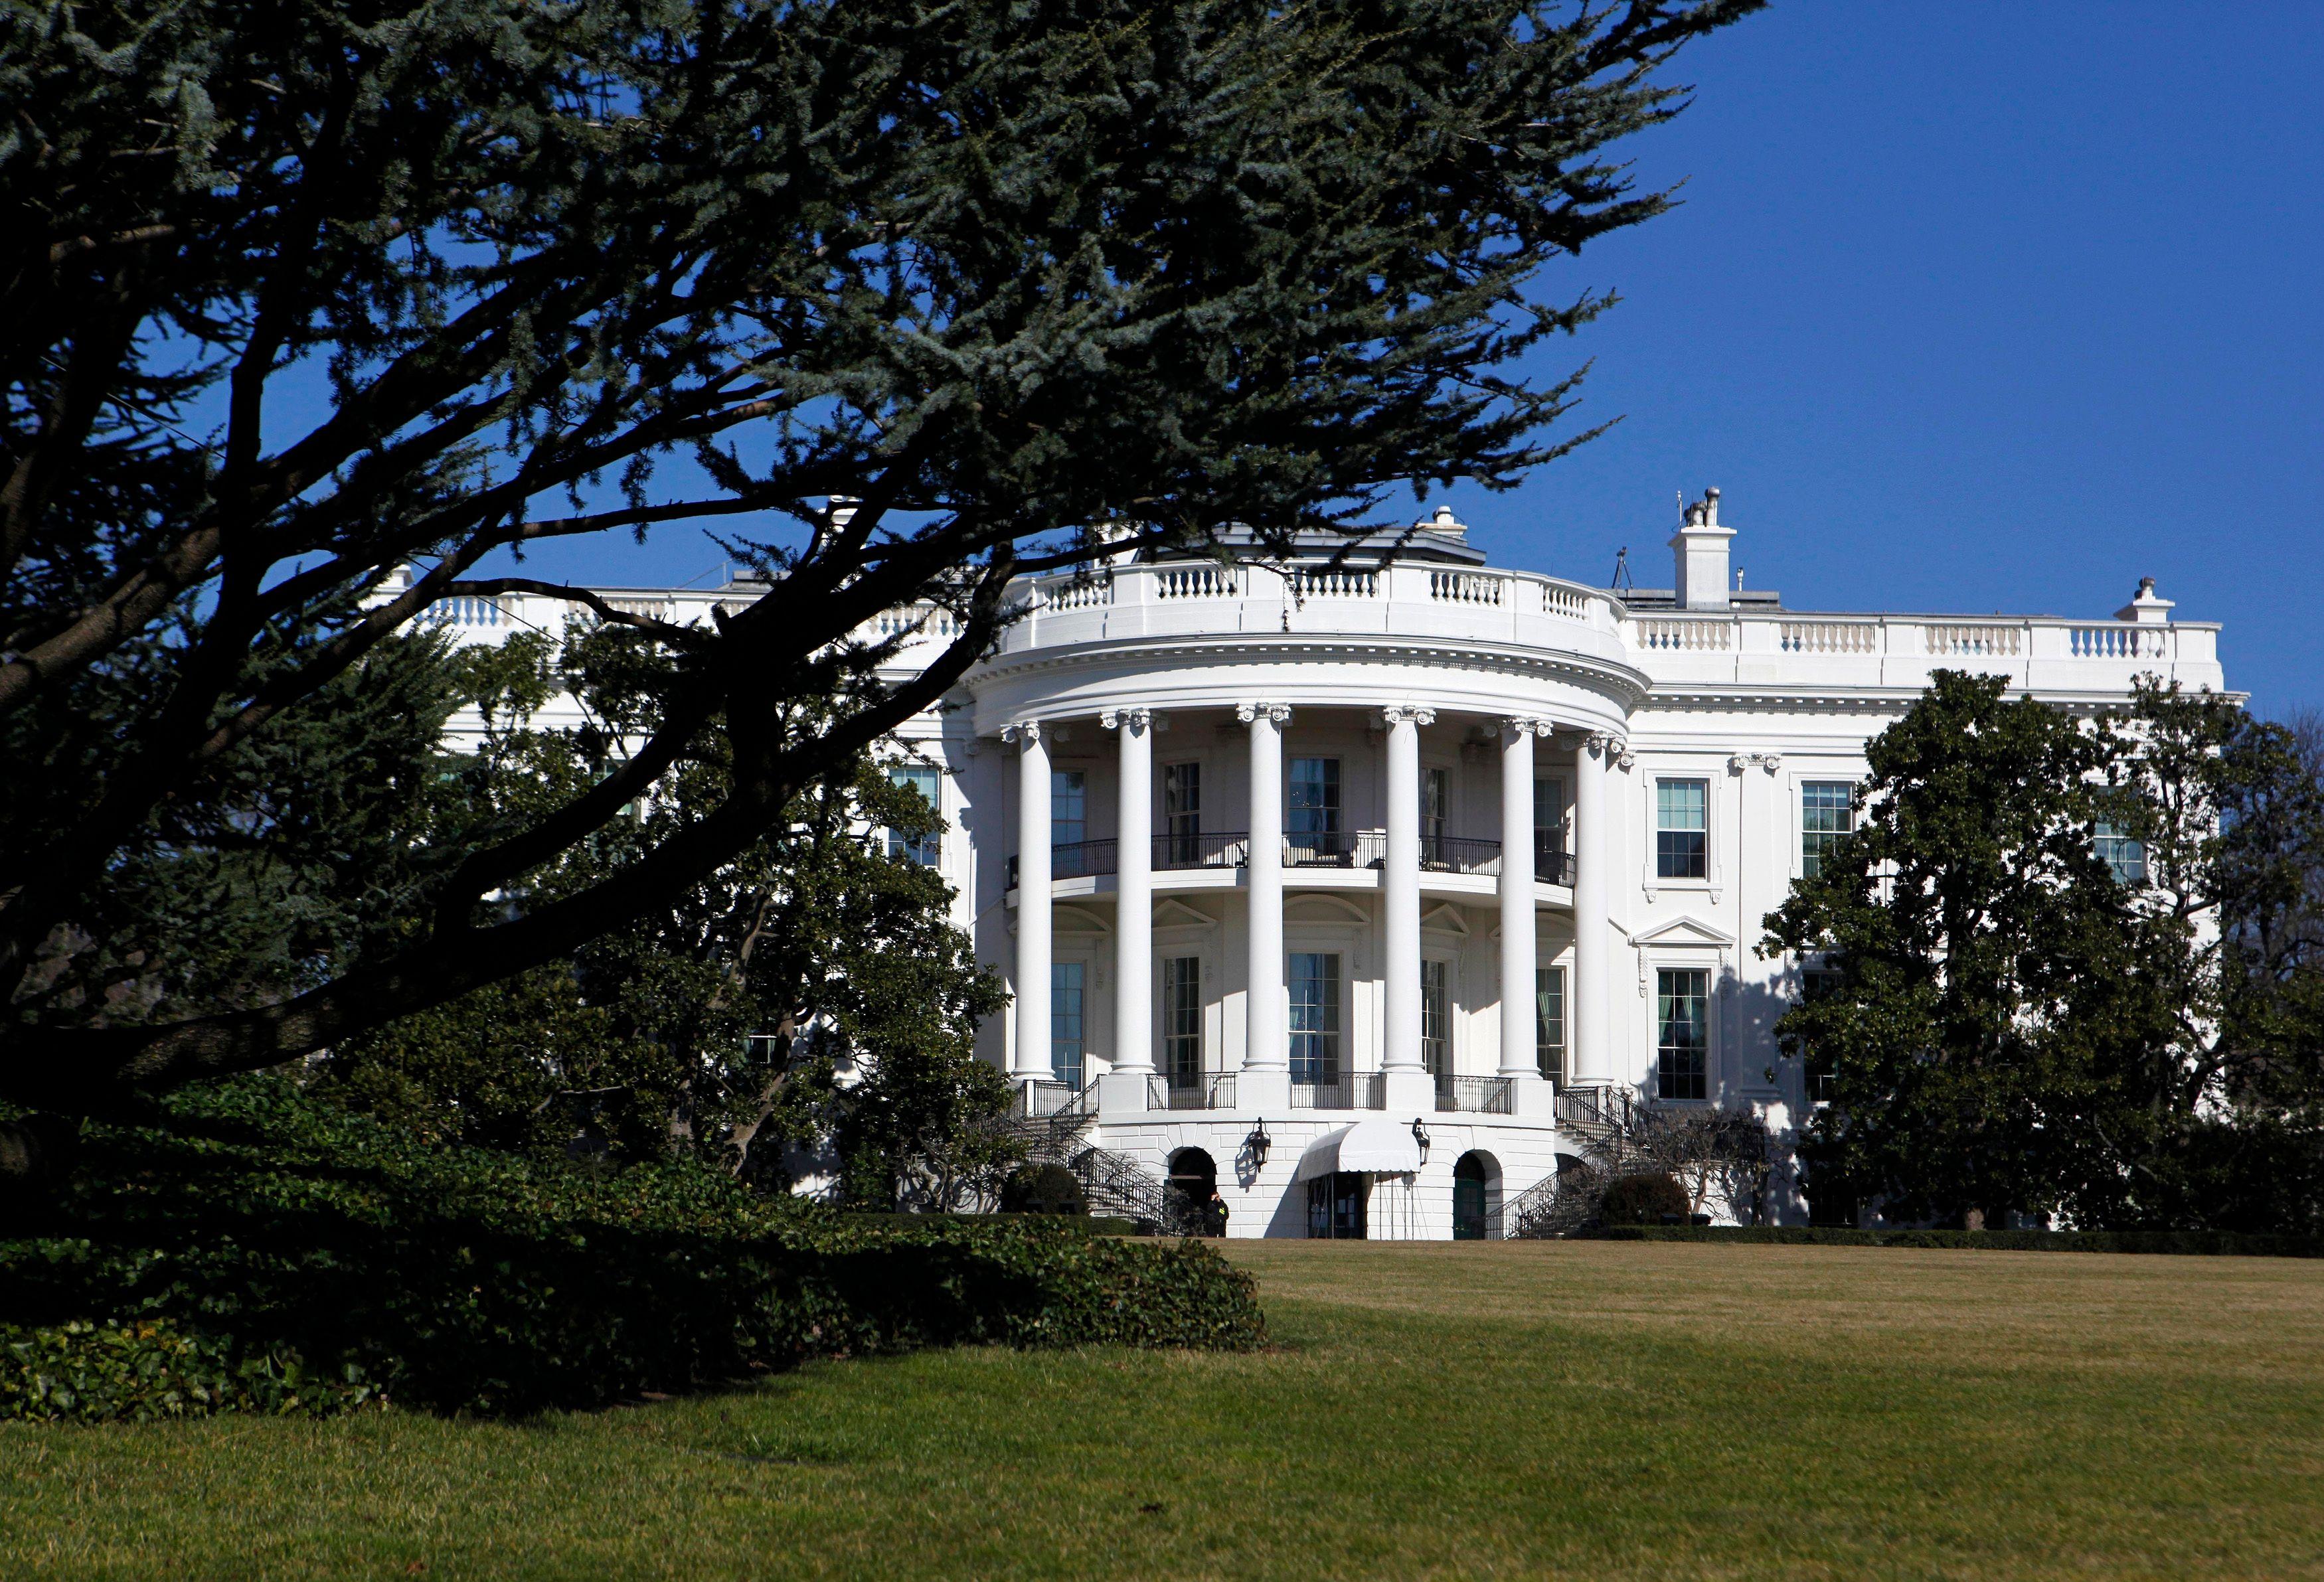 Etats-Unis : CNN, le New York Times ou encore la BBC exclus d'un briefing presse de la Maison blanche